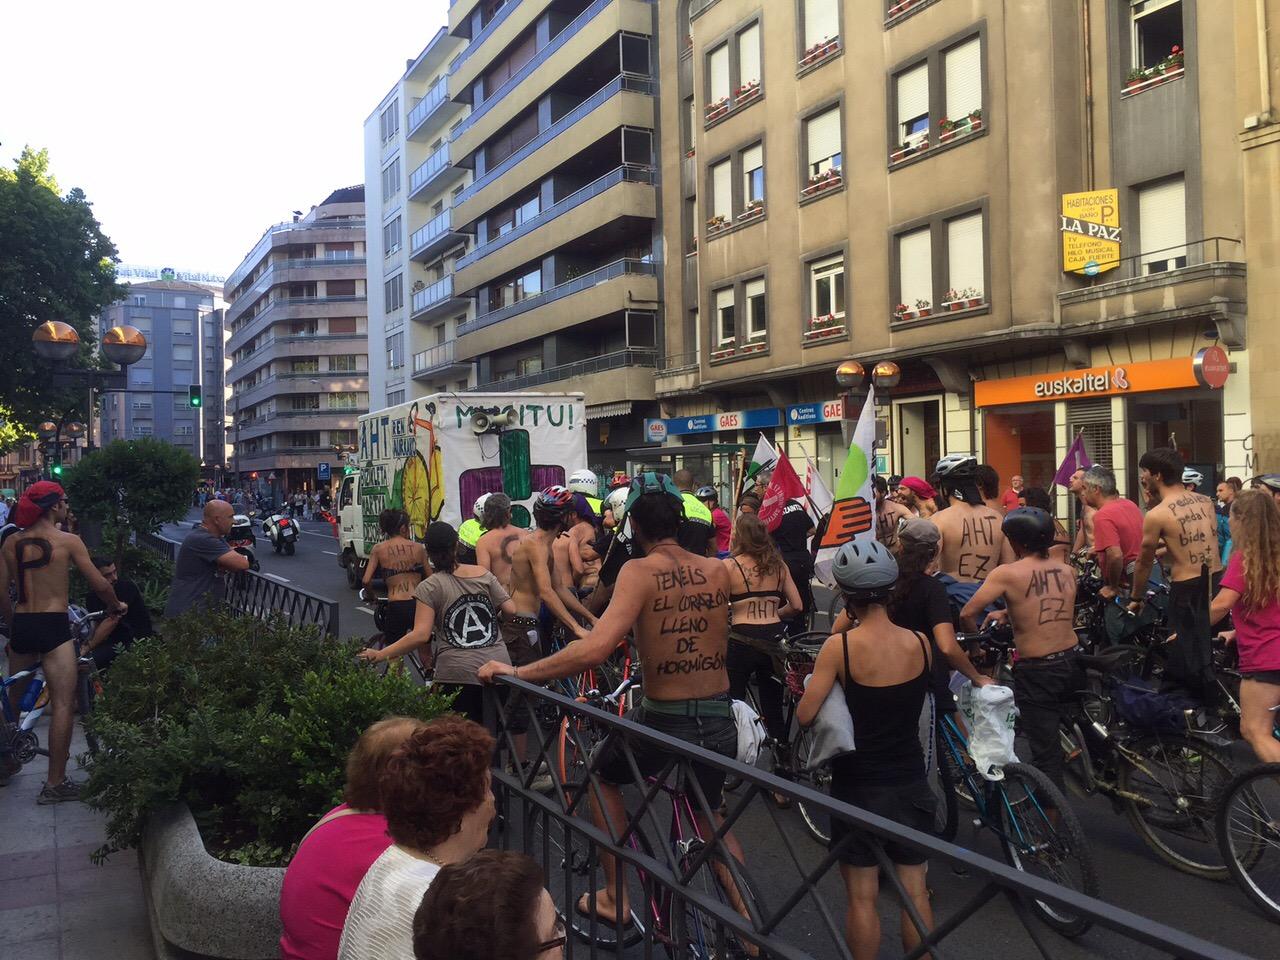 Piden  dos  años  de  prisión  para  un  policía  por  las  agresiones  en  una  marcha  contra  el  TAV